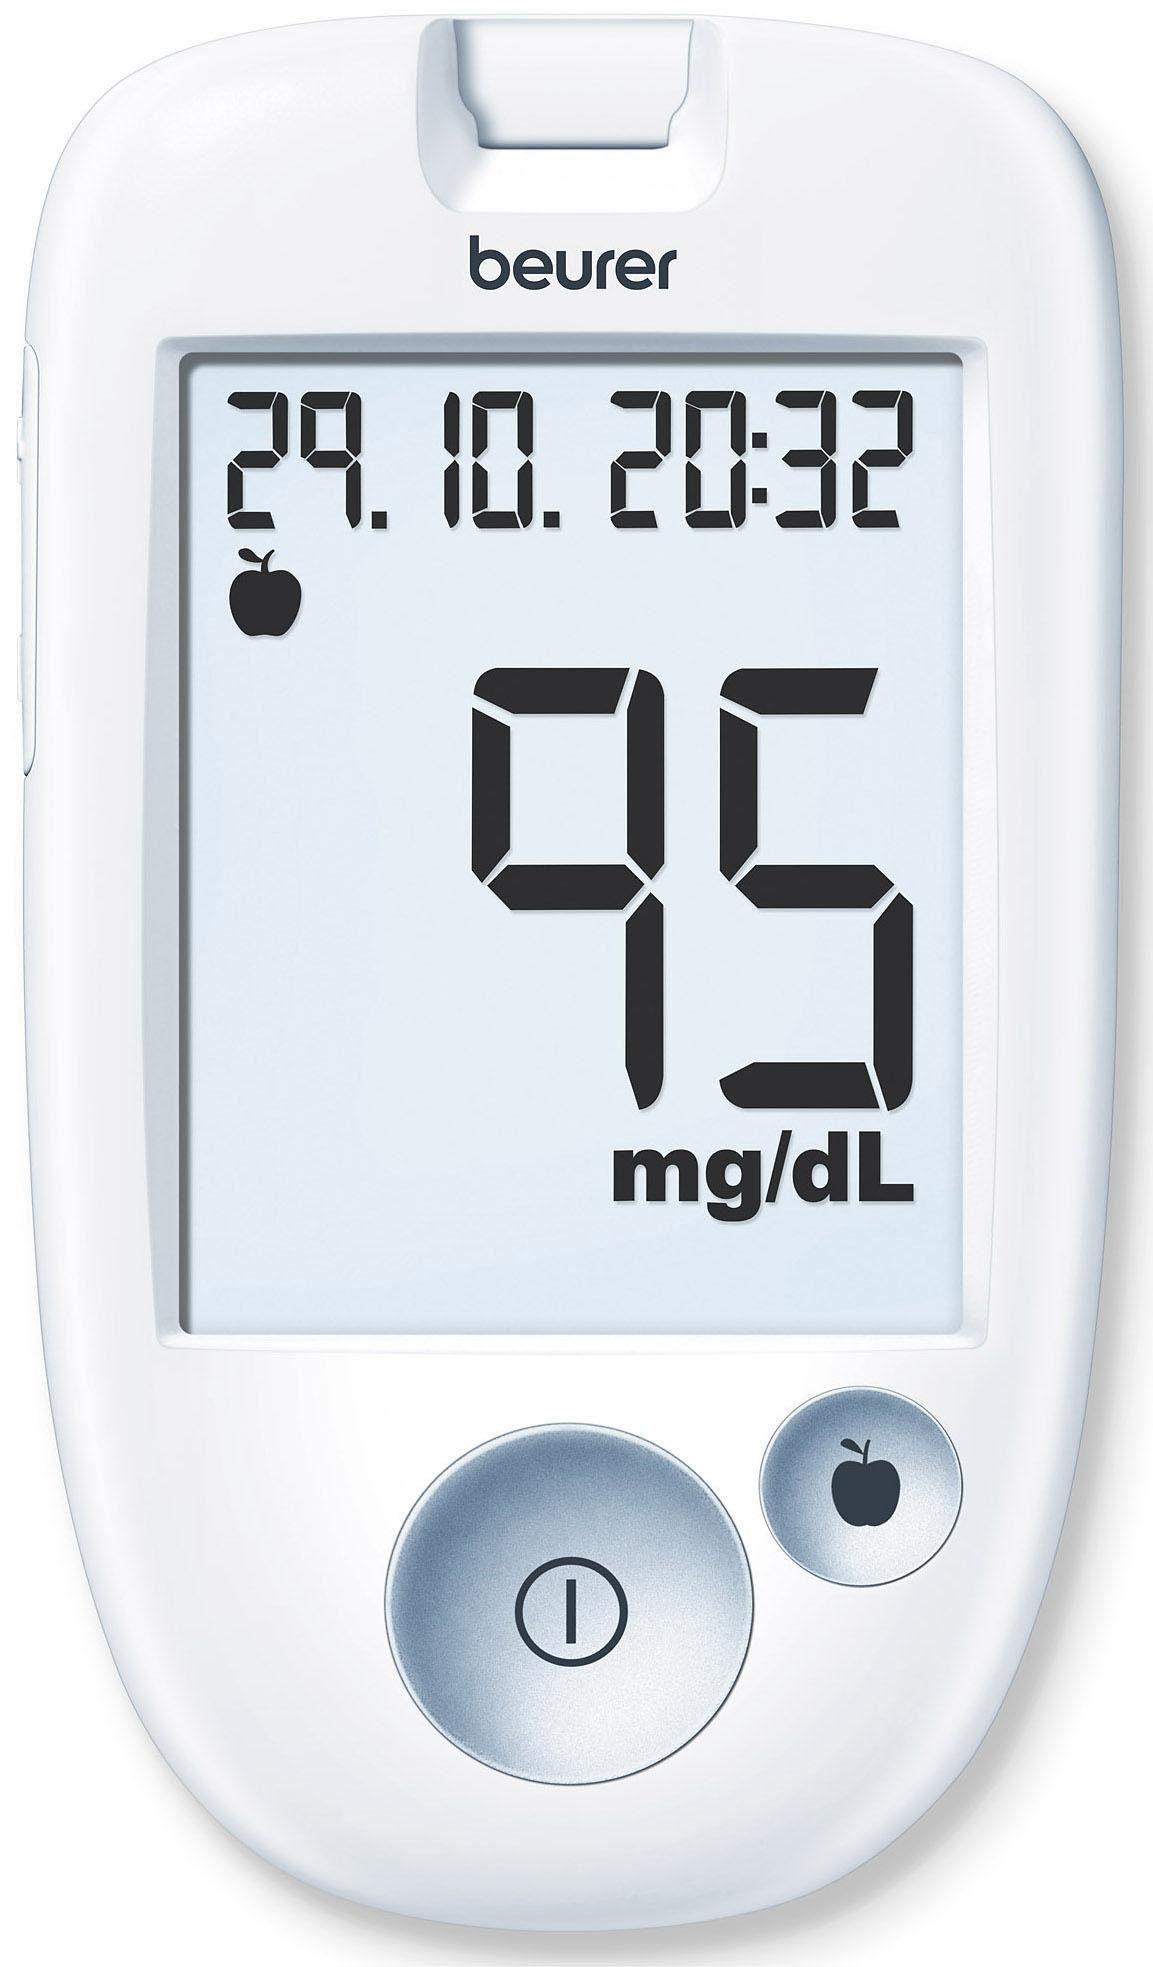 BEURER Blutzuckermessgerät Beurer GL 43 mg/dL, Set, Einfache Messwertmarkierung für optimiertes Diabetesmanagement: vor dem Essen, nach dem Essen, generelle Markierung